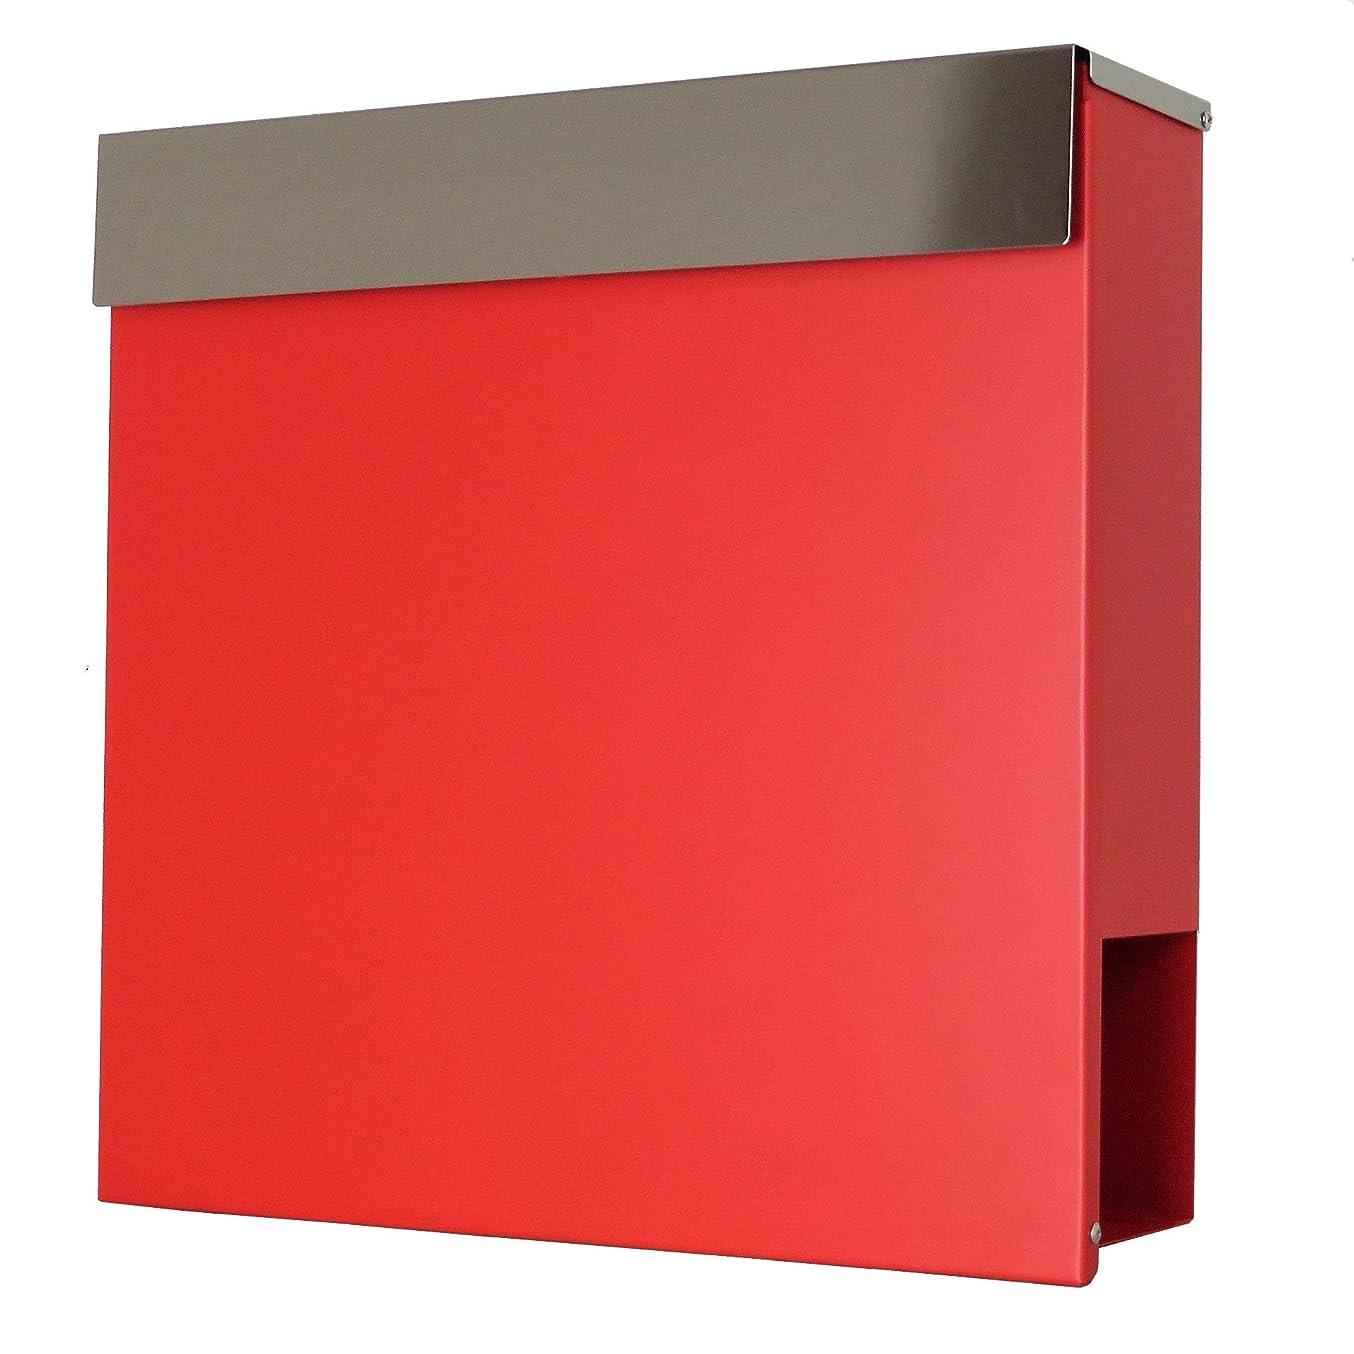 荒れ地可塑性征服するおしゃれな郵便ポスト郵便受けmailbox大型 鍵付きマグネット付きレッド 赤色ポストpm333